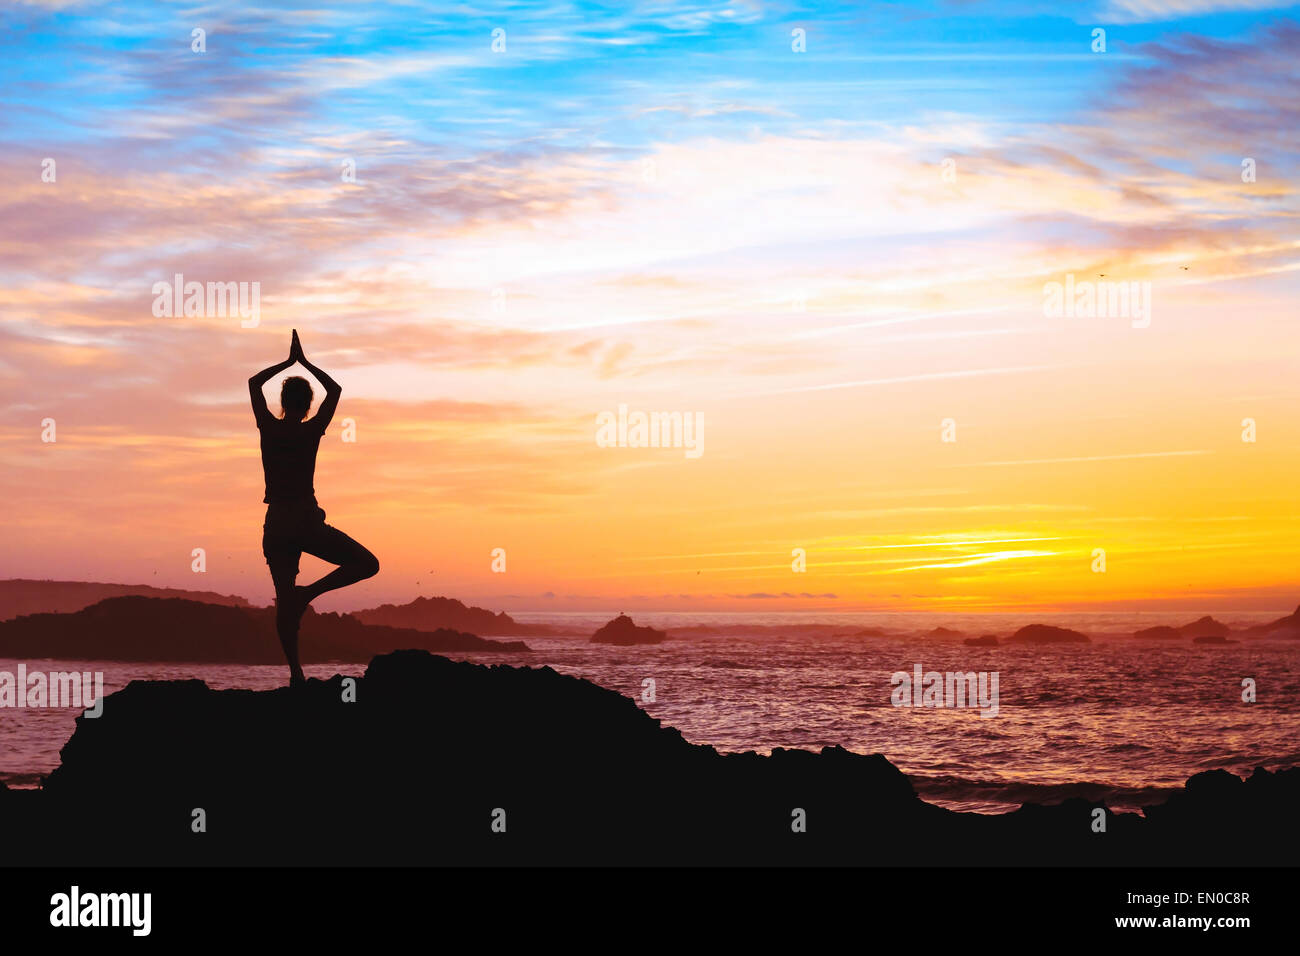 schöne Silhouette der Frau praktizieren Yoga am Meer Stockbild